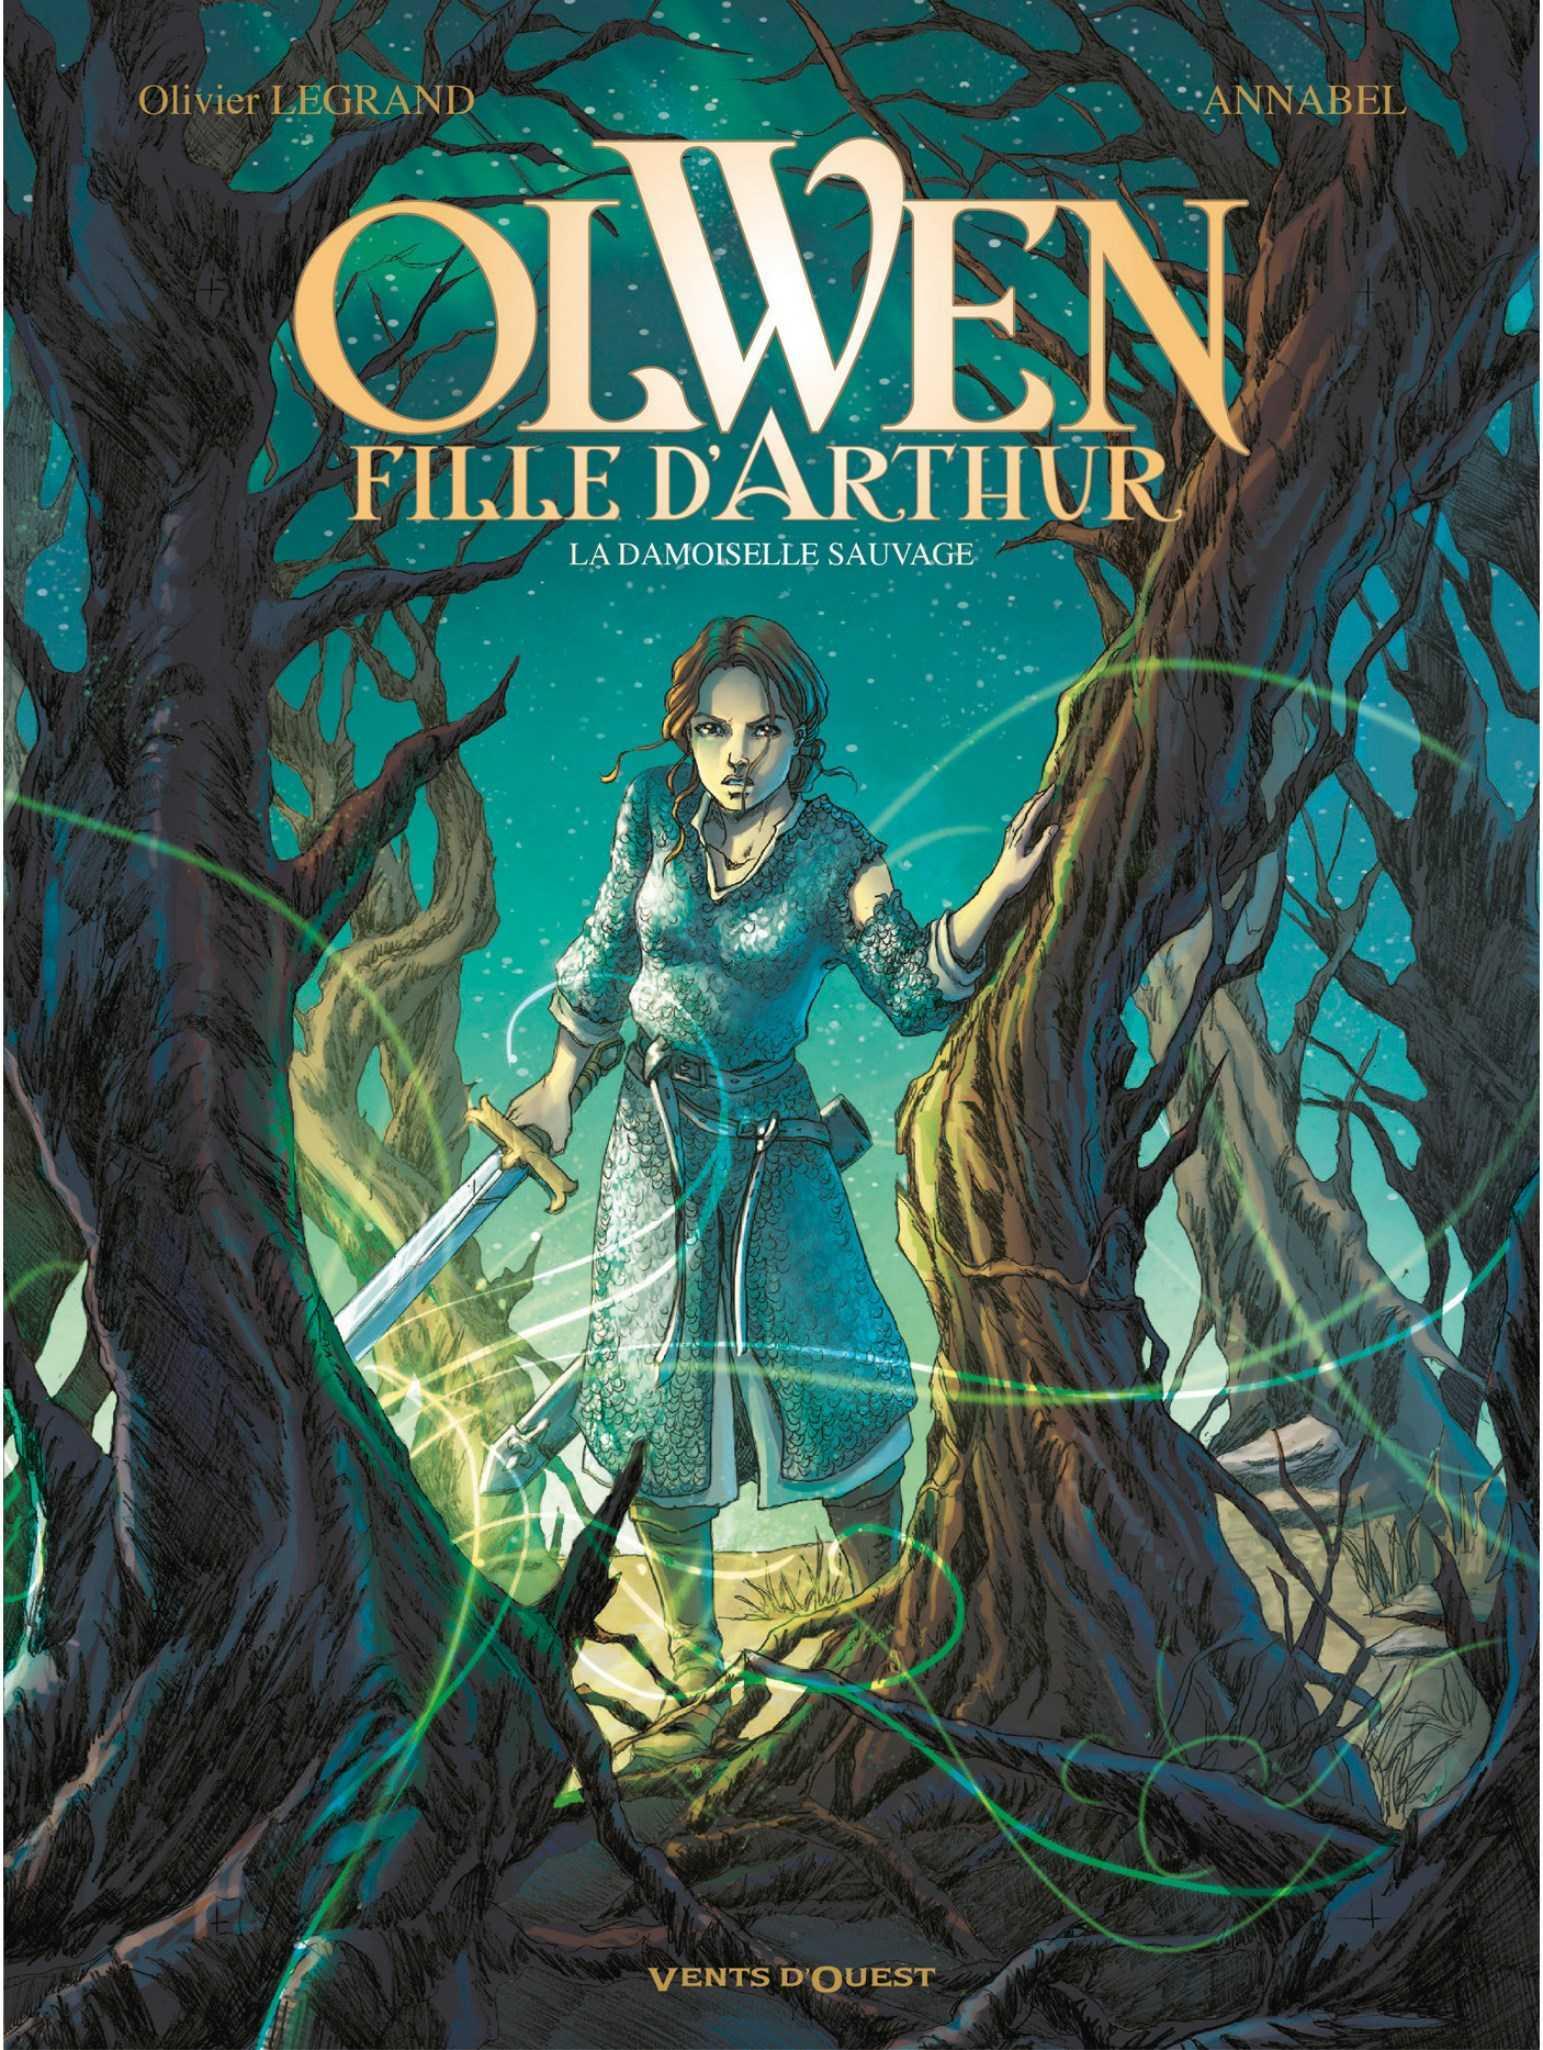 Olwen, fille d'Arthur, panique à Camelot